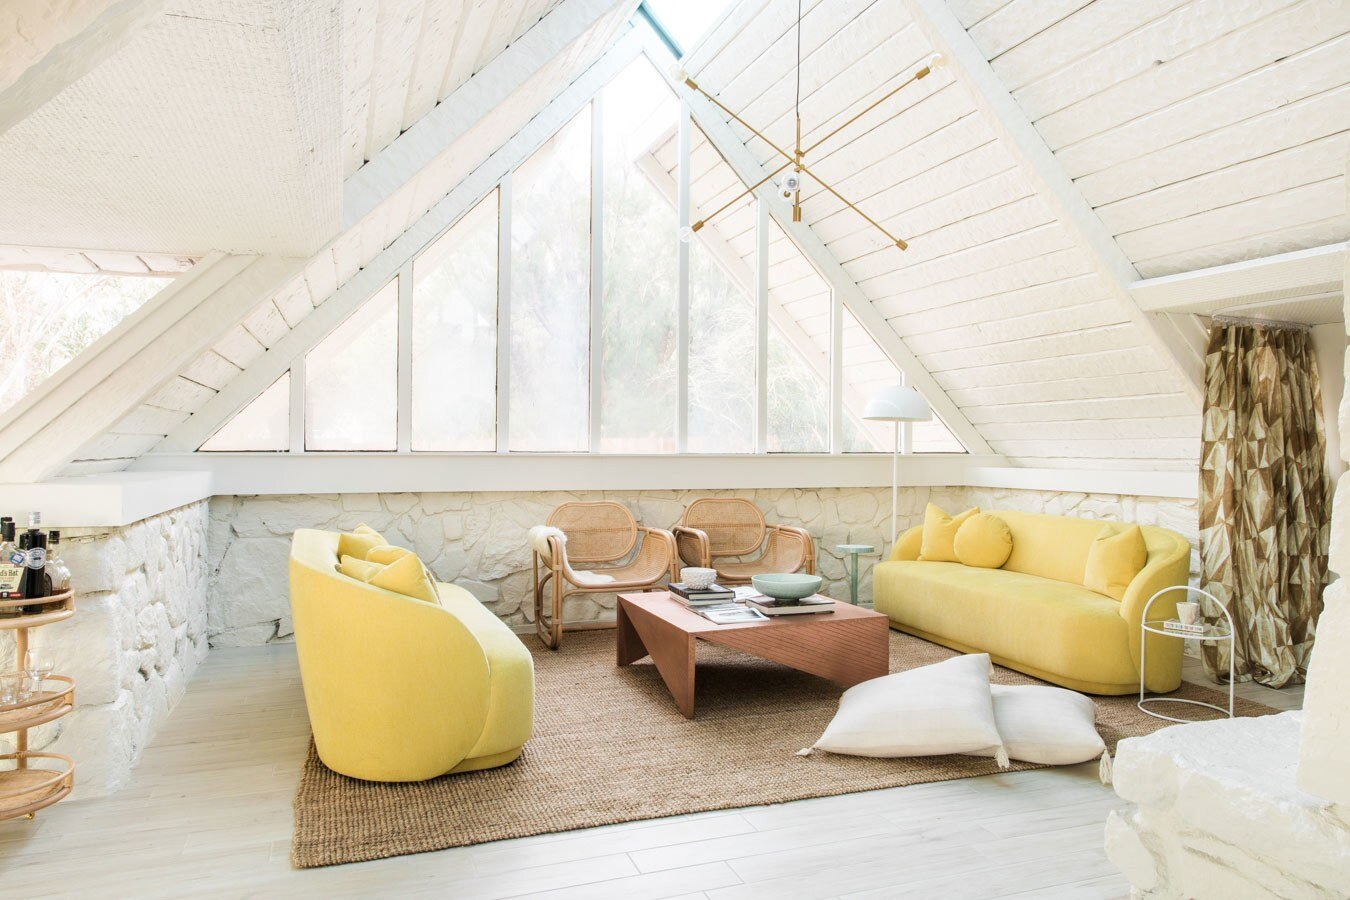 Yellow  Kim Salmela  sofas in the A-frame Loft. Upholstered in  Kravet's Crypton Home Beacon fabric in Lemon .  photo: Jayden Lee